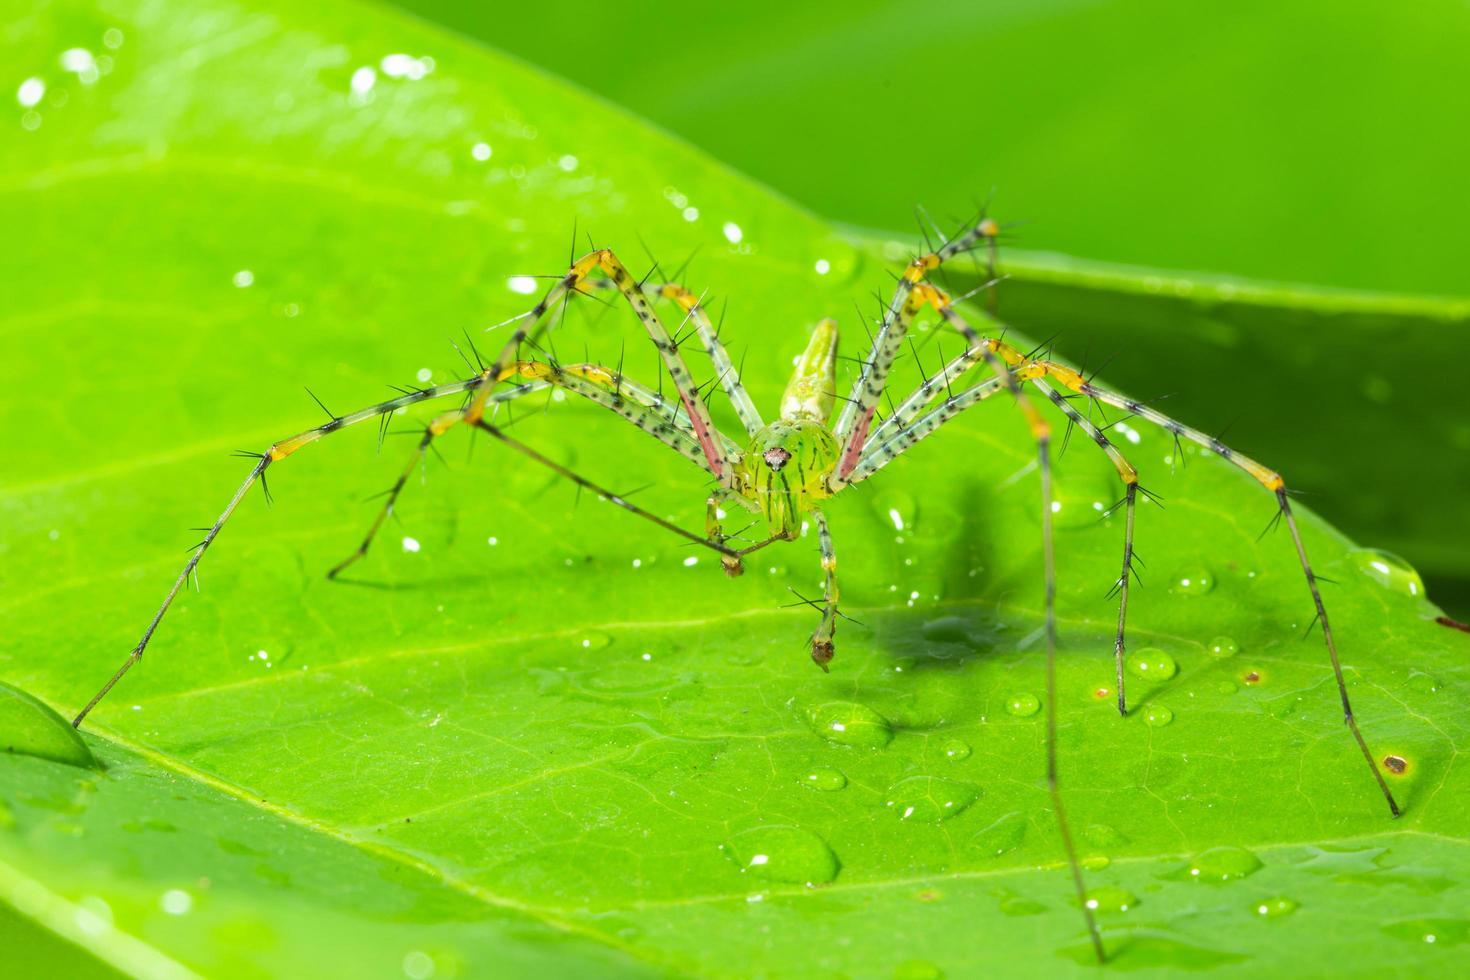 ragno verde su una foglia foto